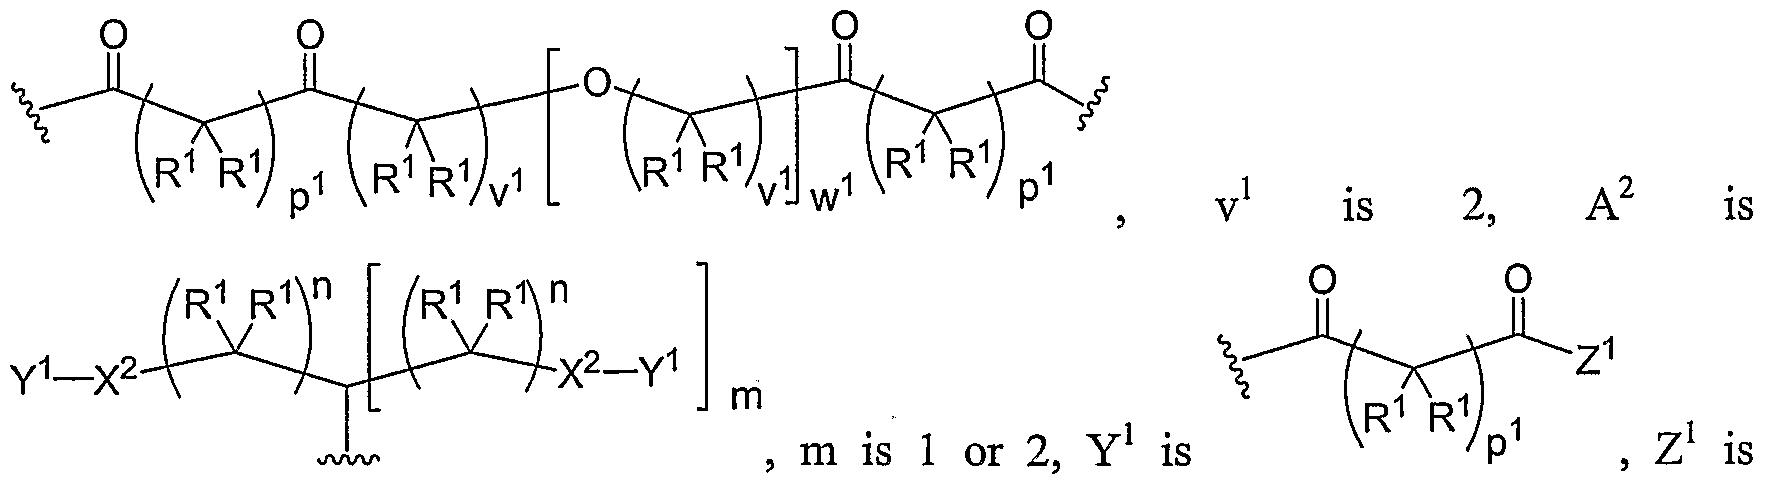 Figure imgf000378_0003